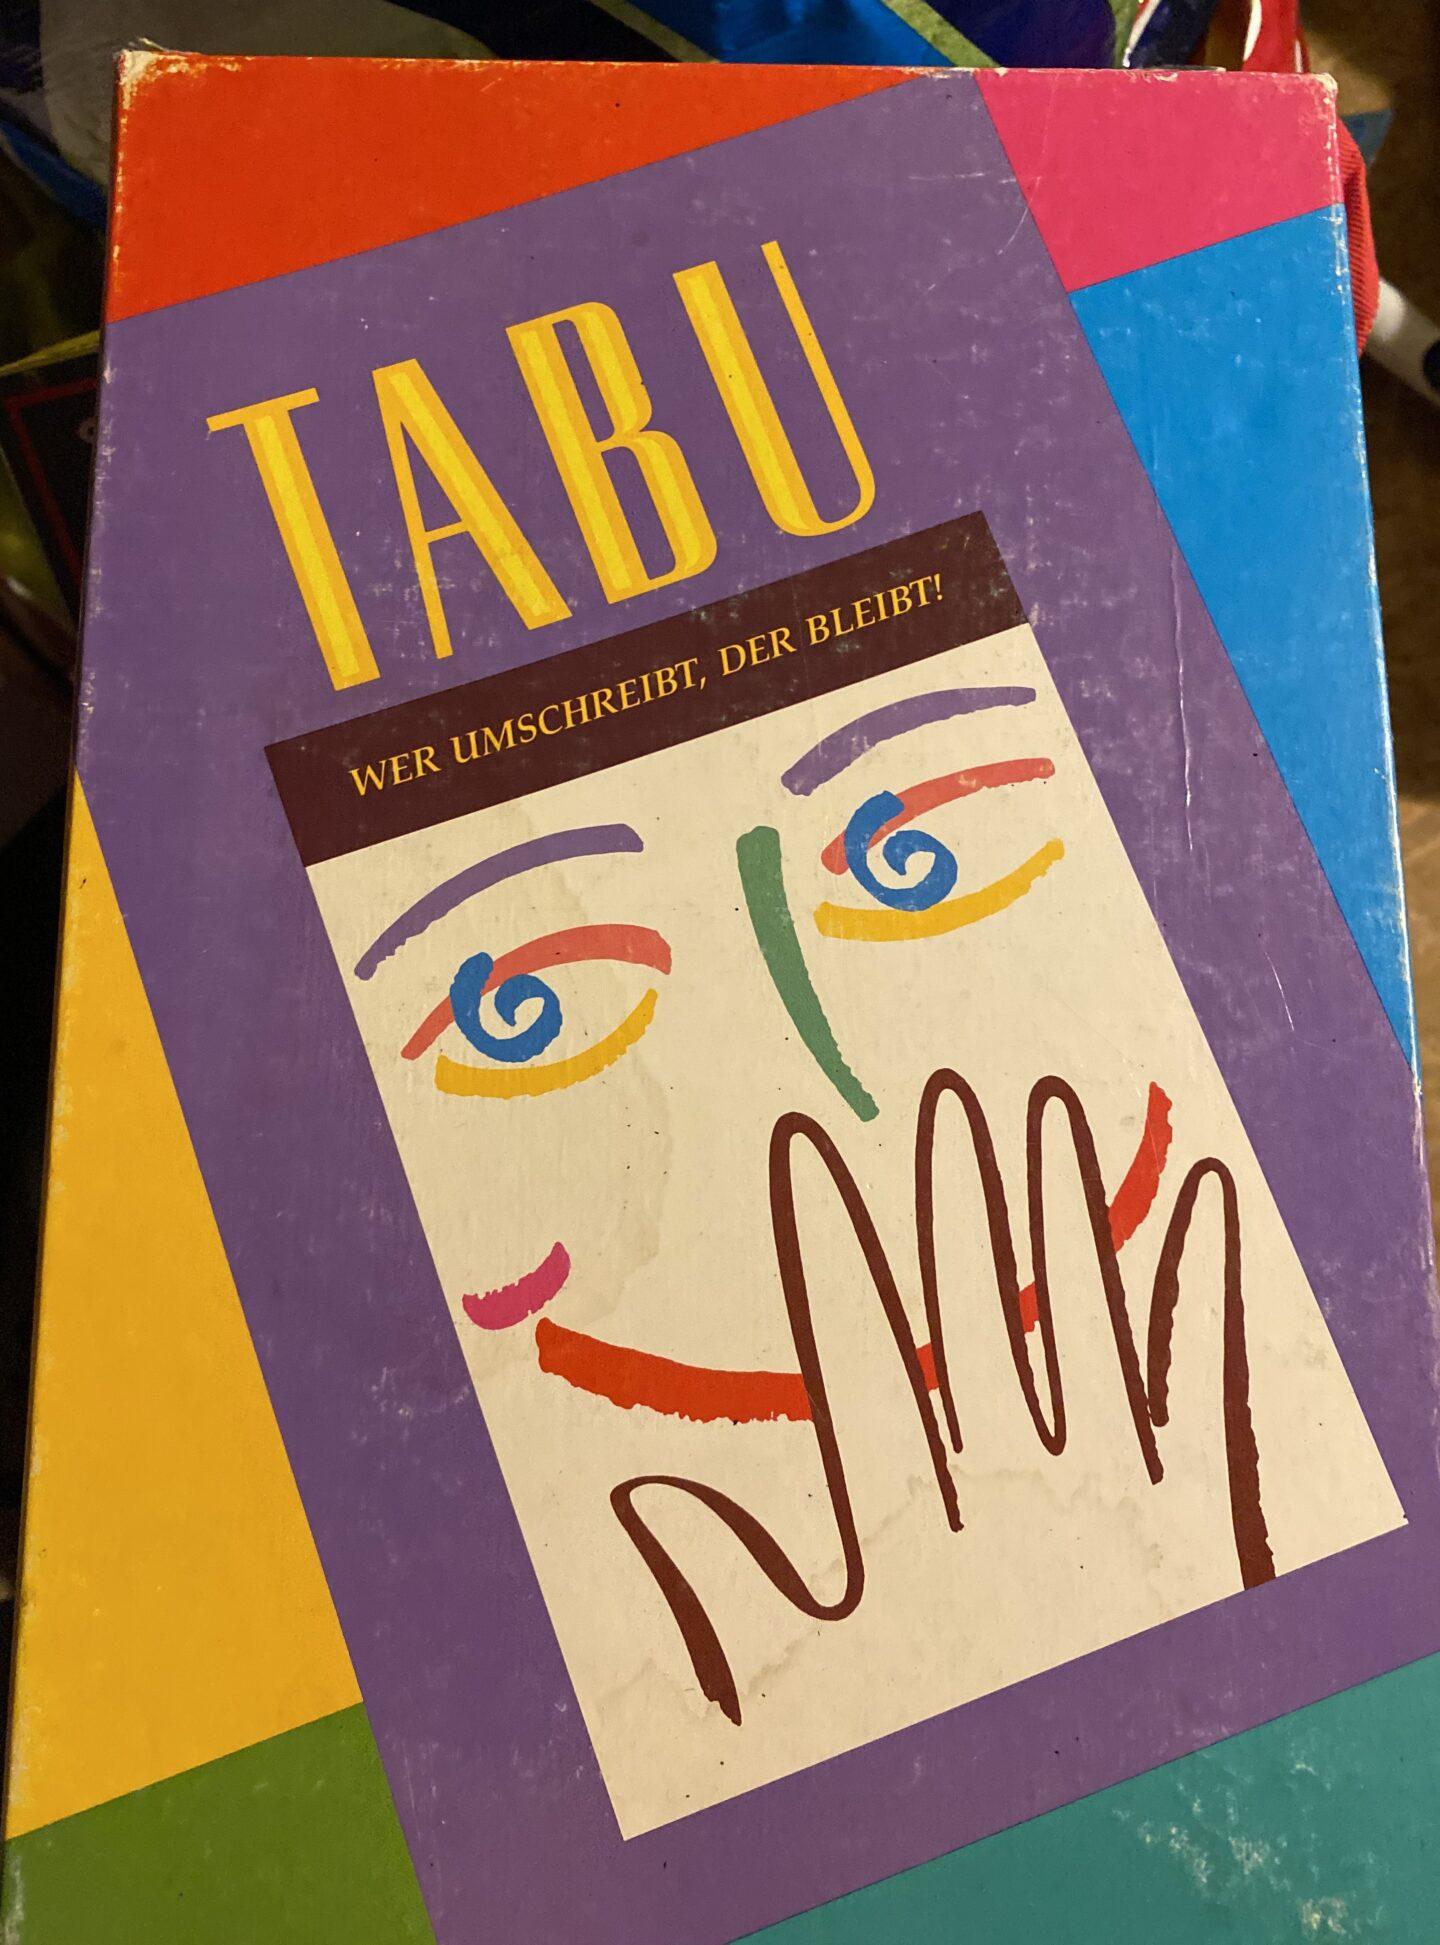 Tabu Spiel – Zubehör, Spielregeln, Ausgaben